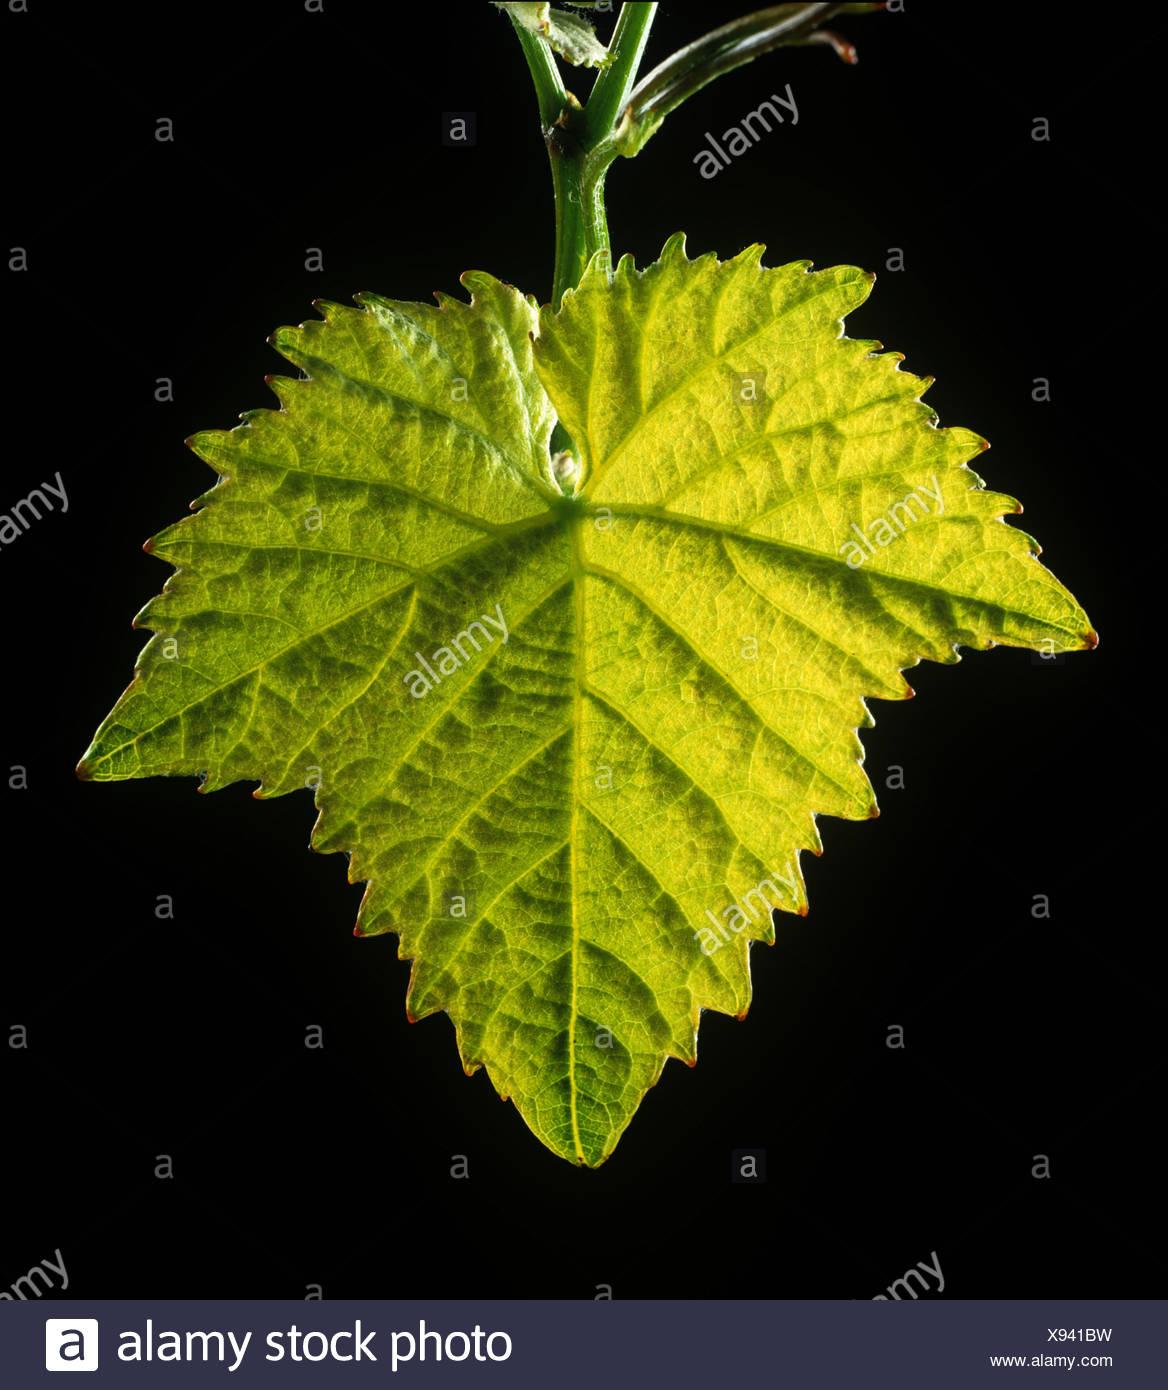 Young vine leaf backlit against a black background - Stock Image